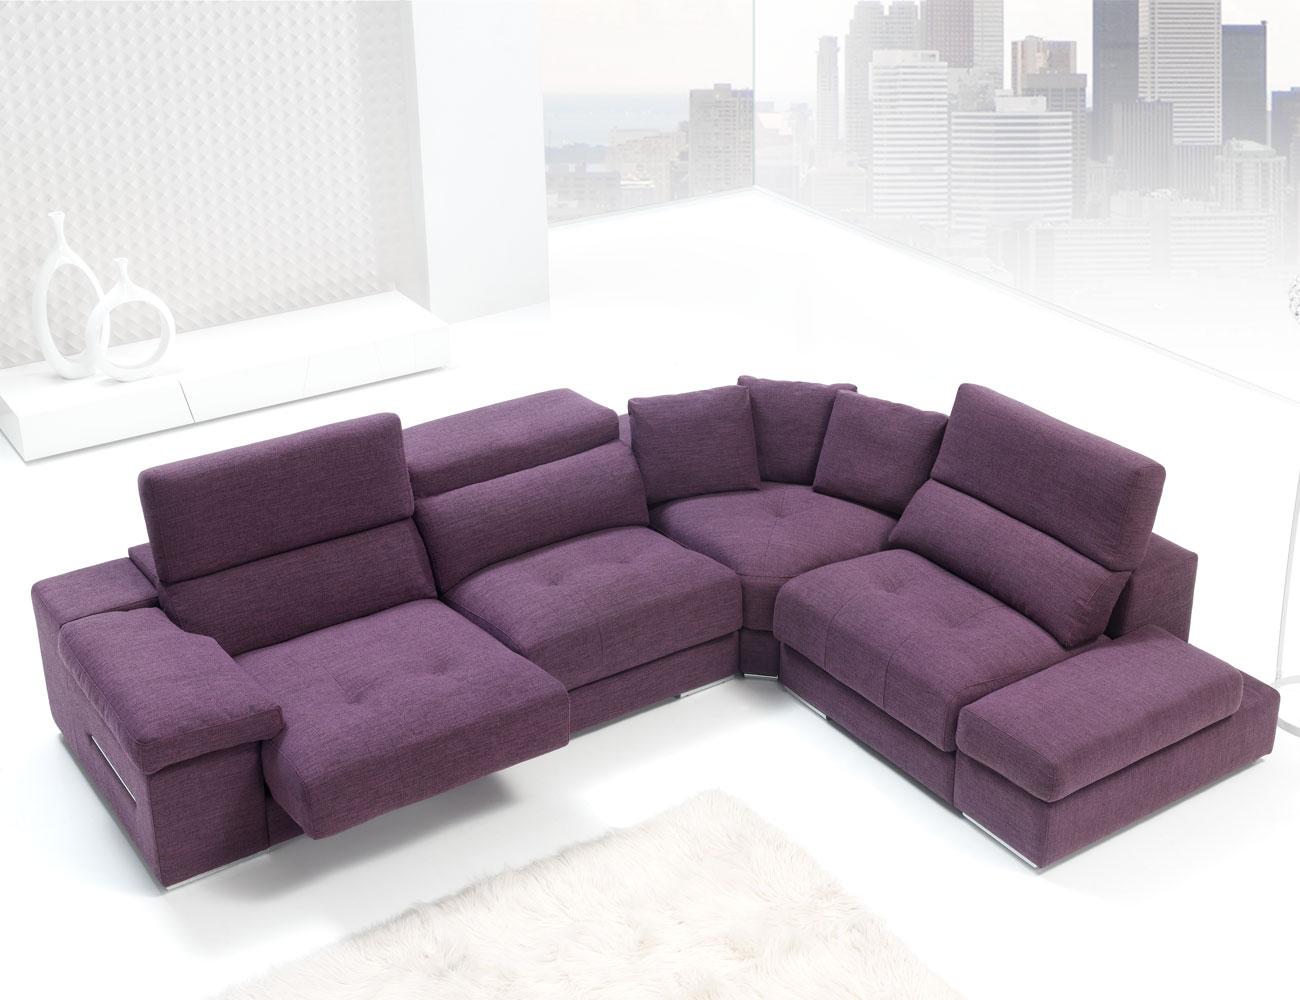 Sofa chaiselongue rincon con brazo mecanico tejido anti manchas 239